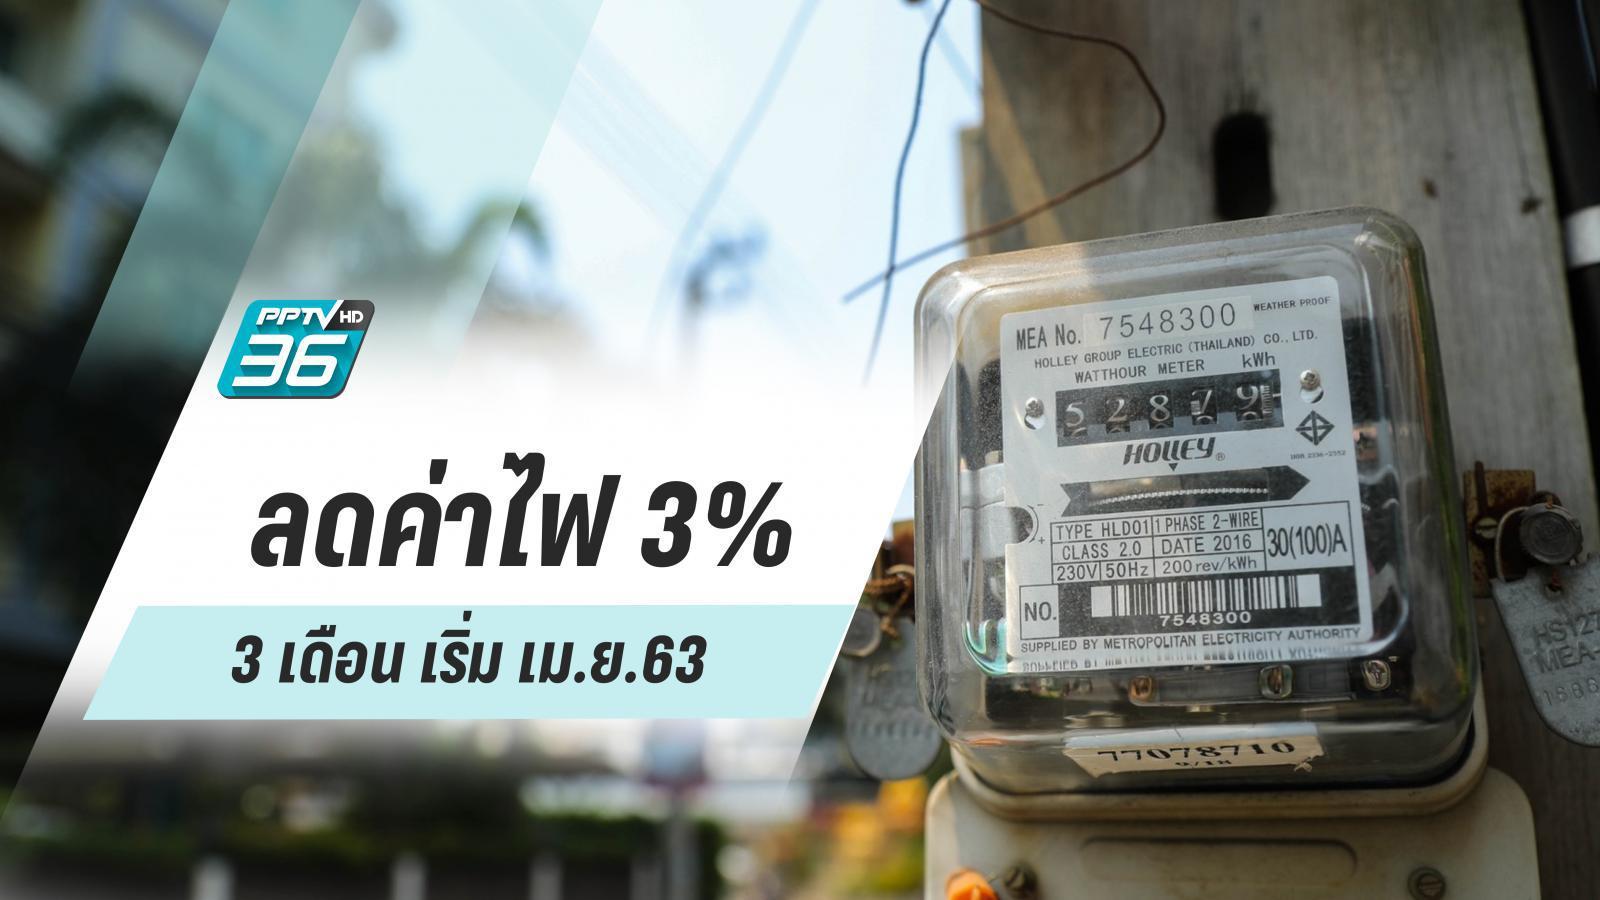 ข่าวดี! ลดค่าไฟ 3% 3 เดือน เริ่ม เม.ย.นี้